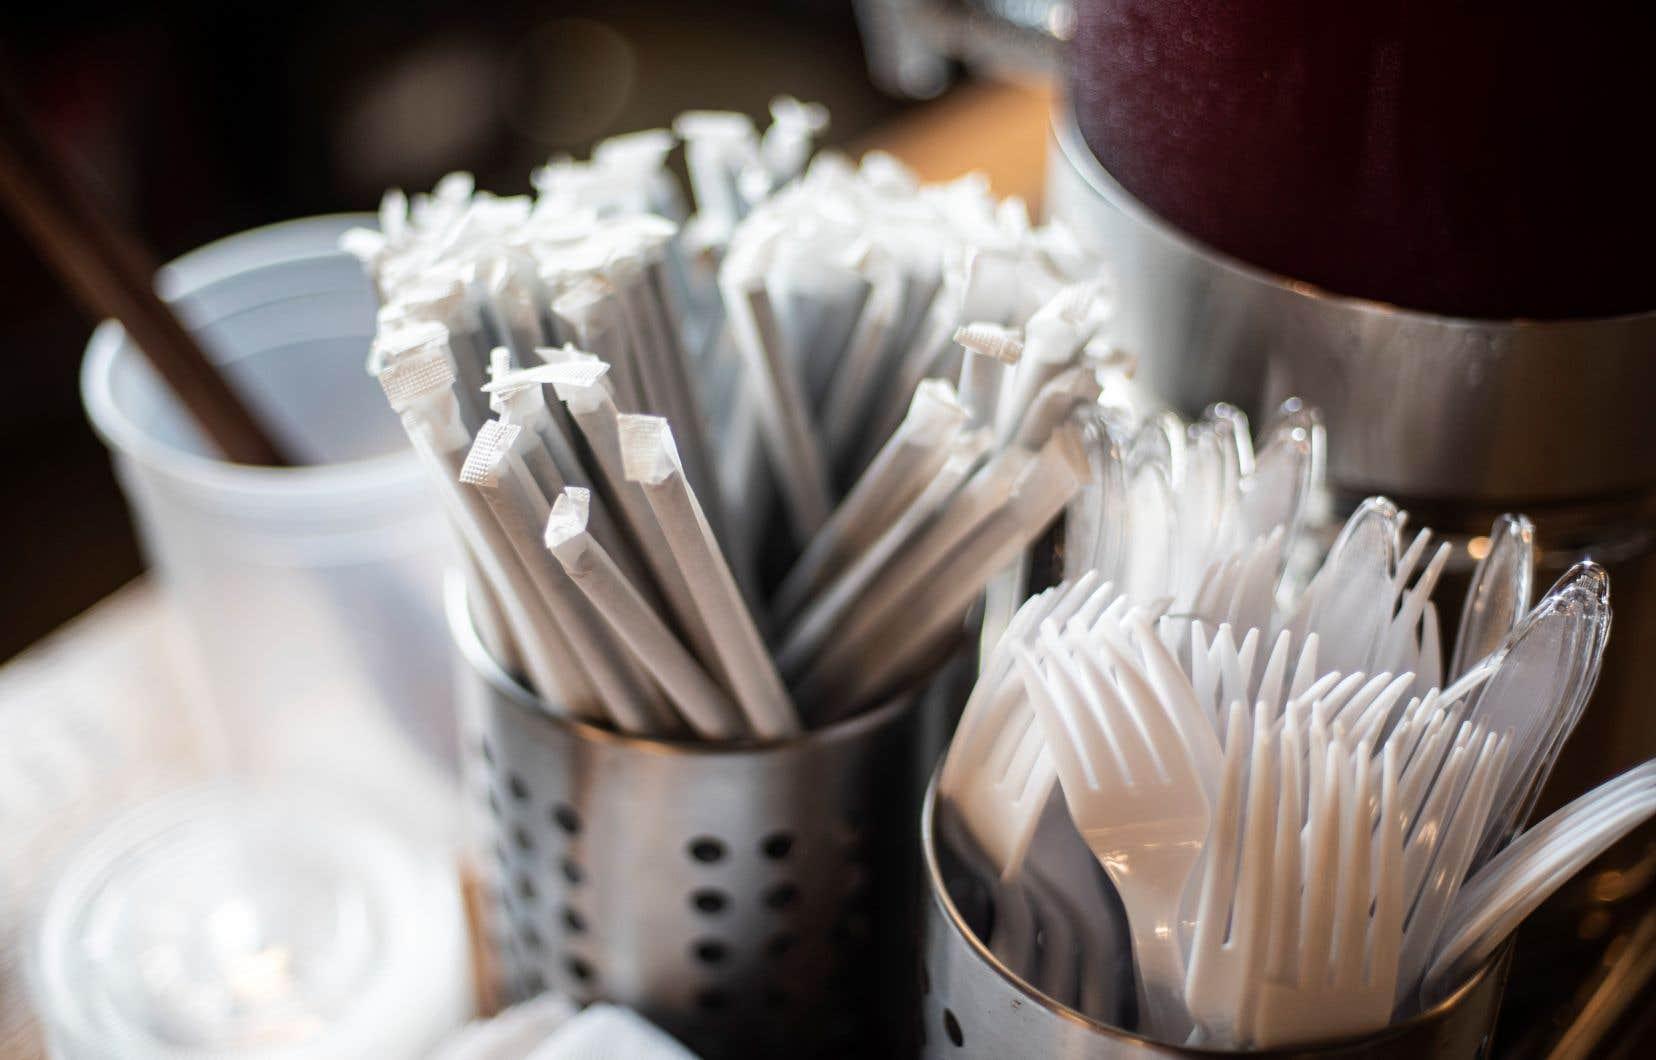 La fin approche pour les sacs, les pailles, les ustensiles et les récipients alimentaires en plastique au Canada.